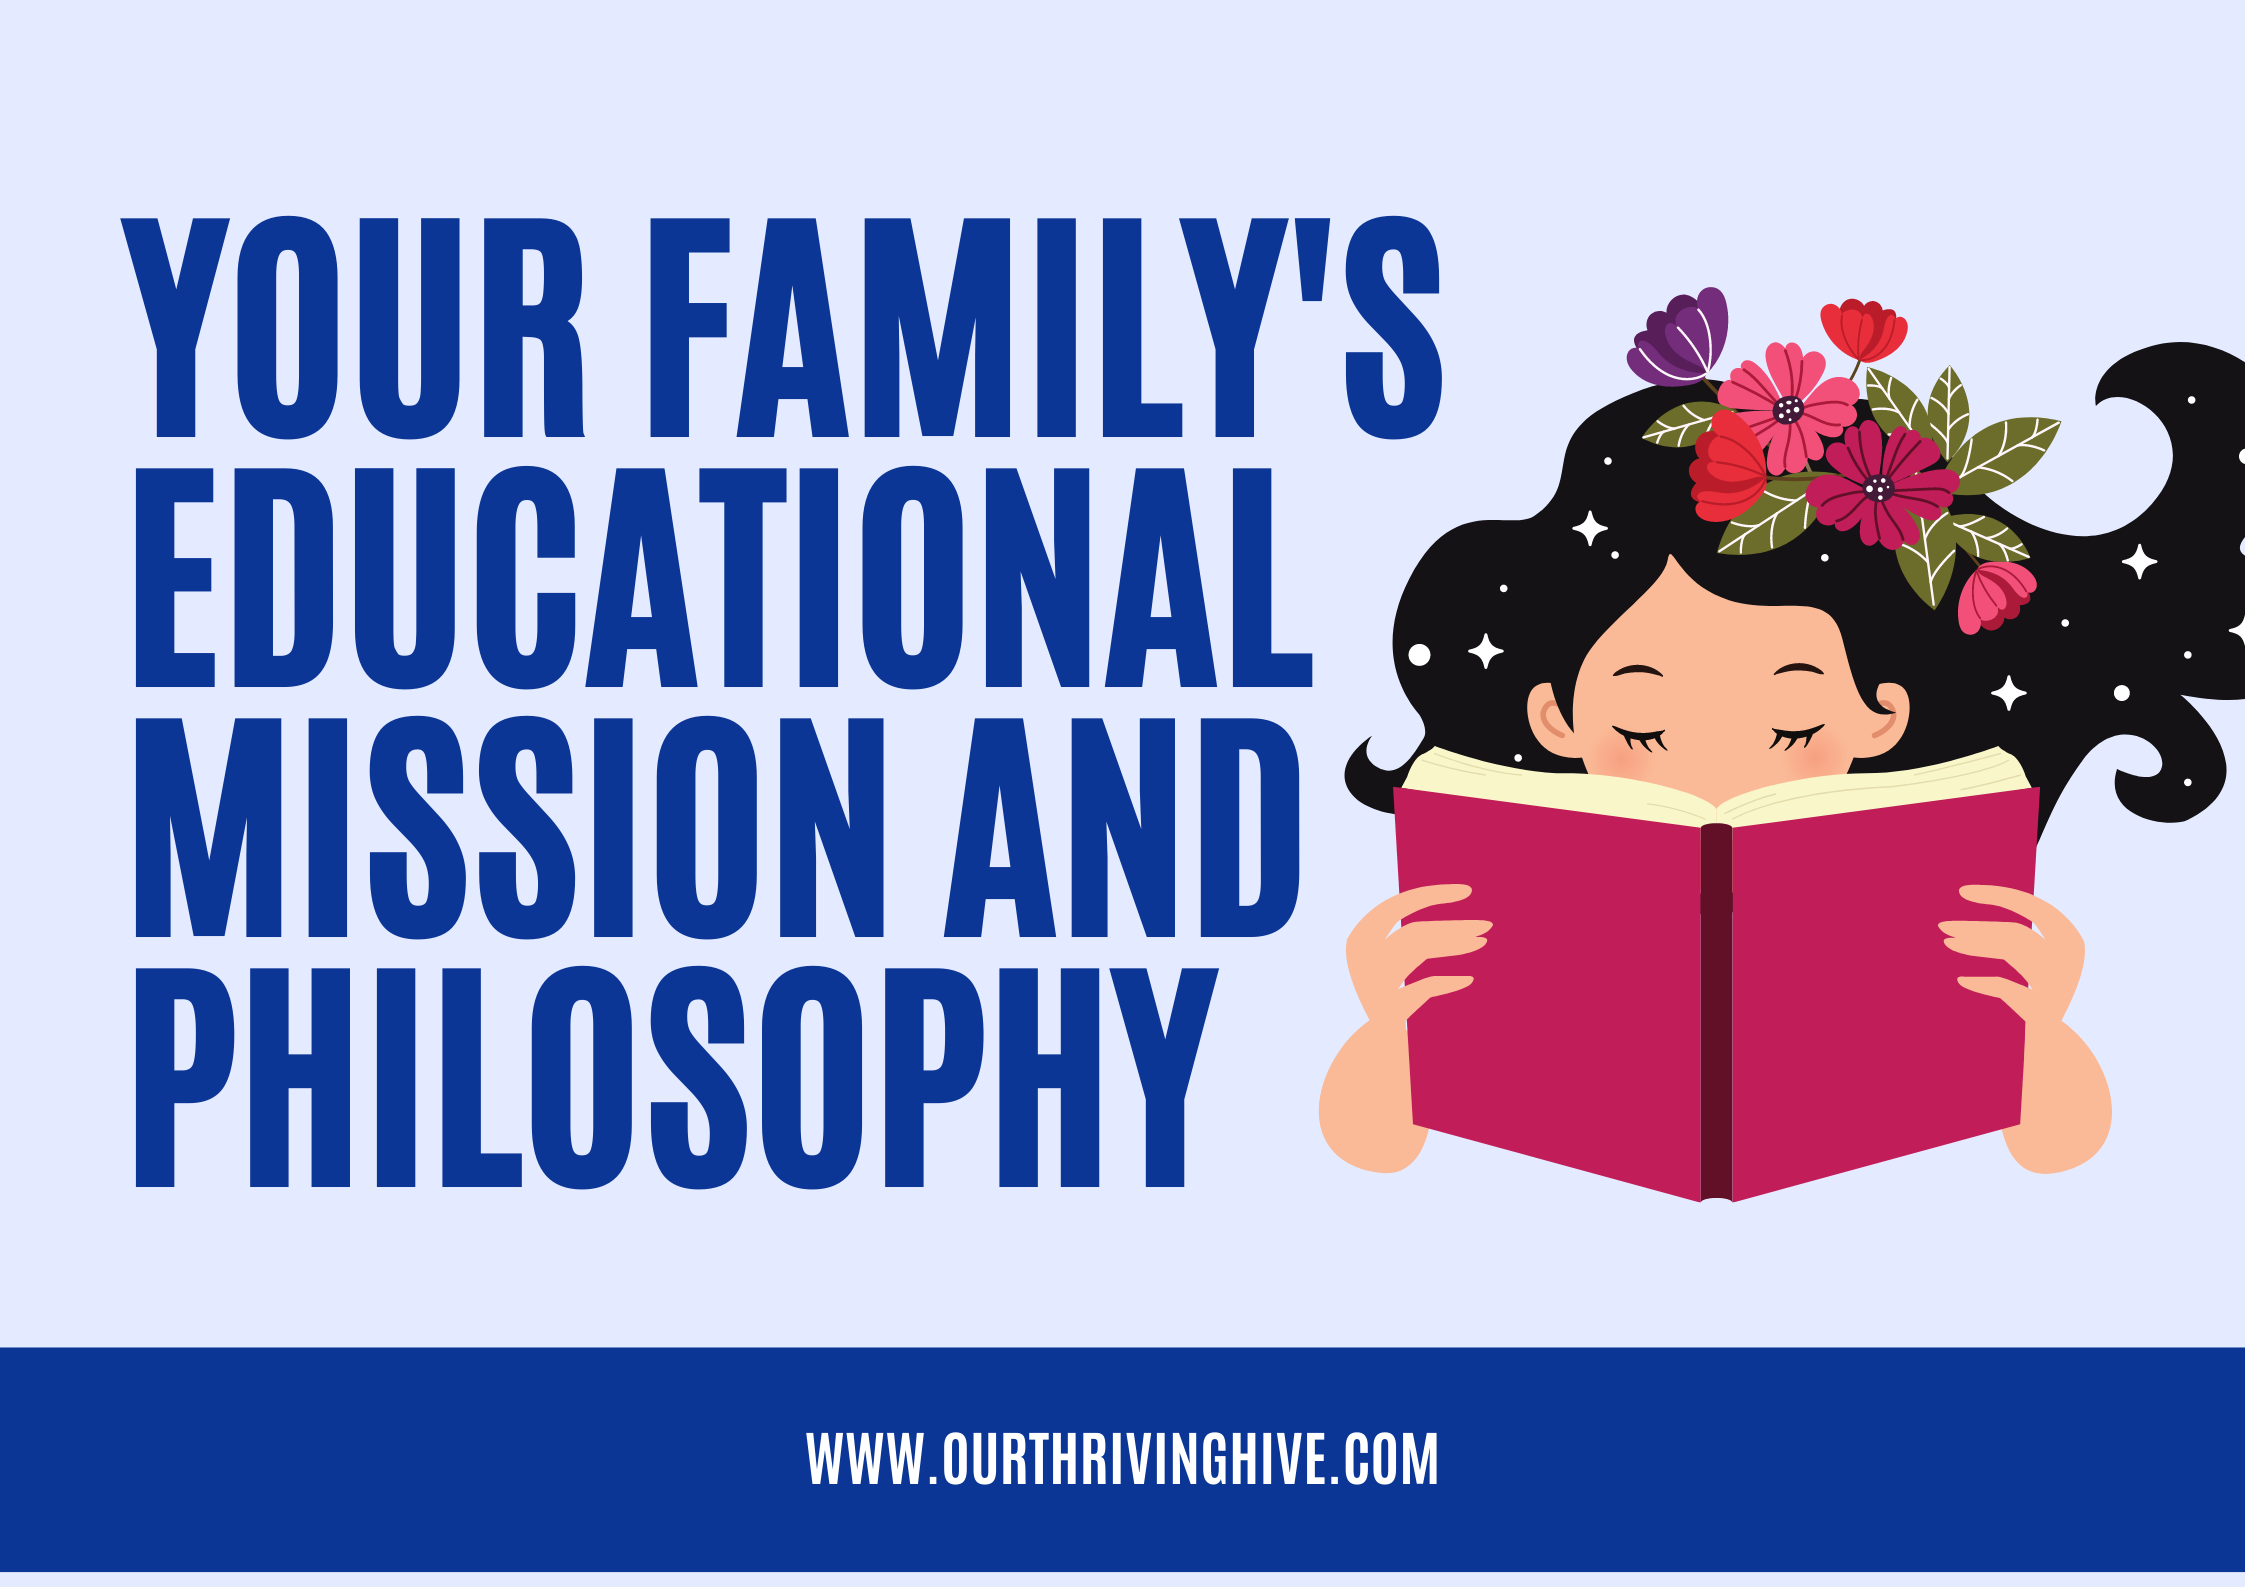 teal-orange-and-pink-book-motivational-education-landscape-poster